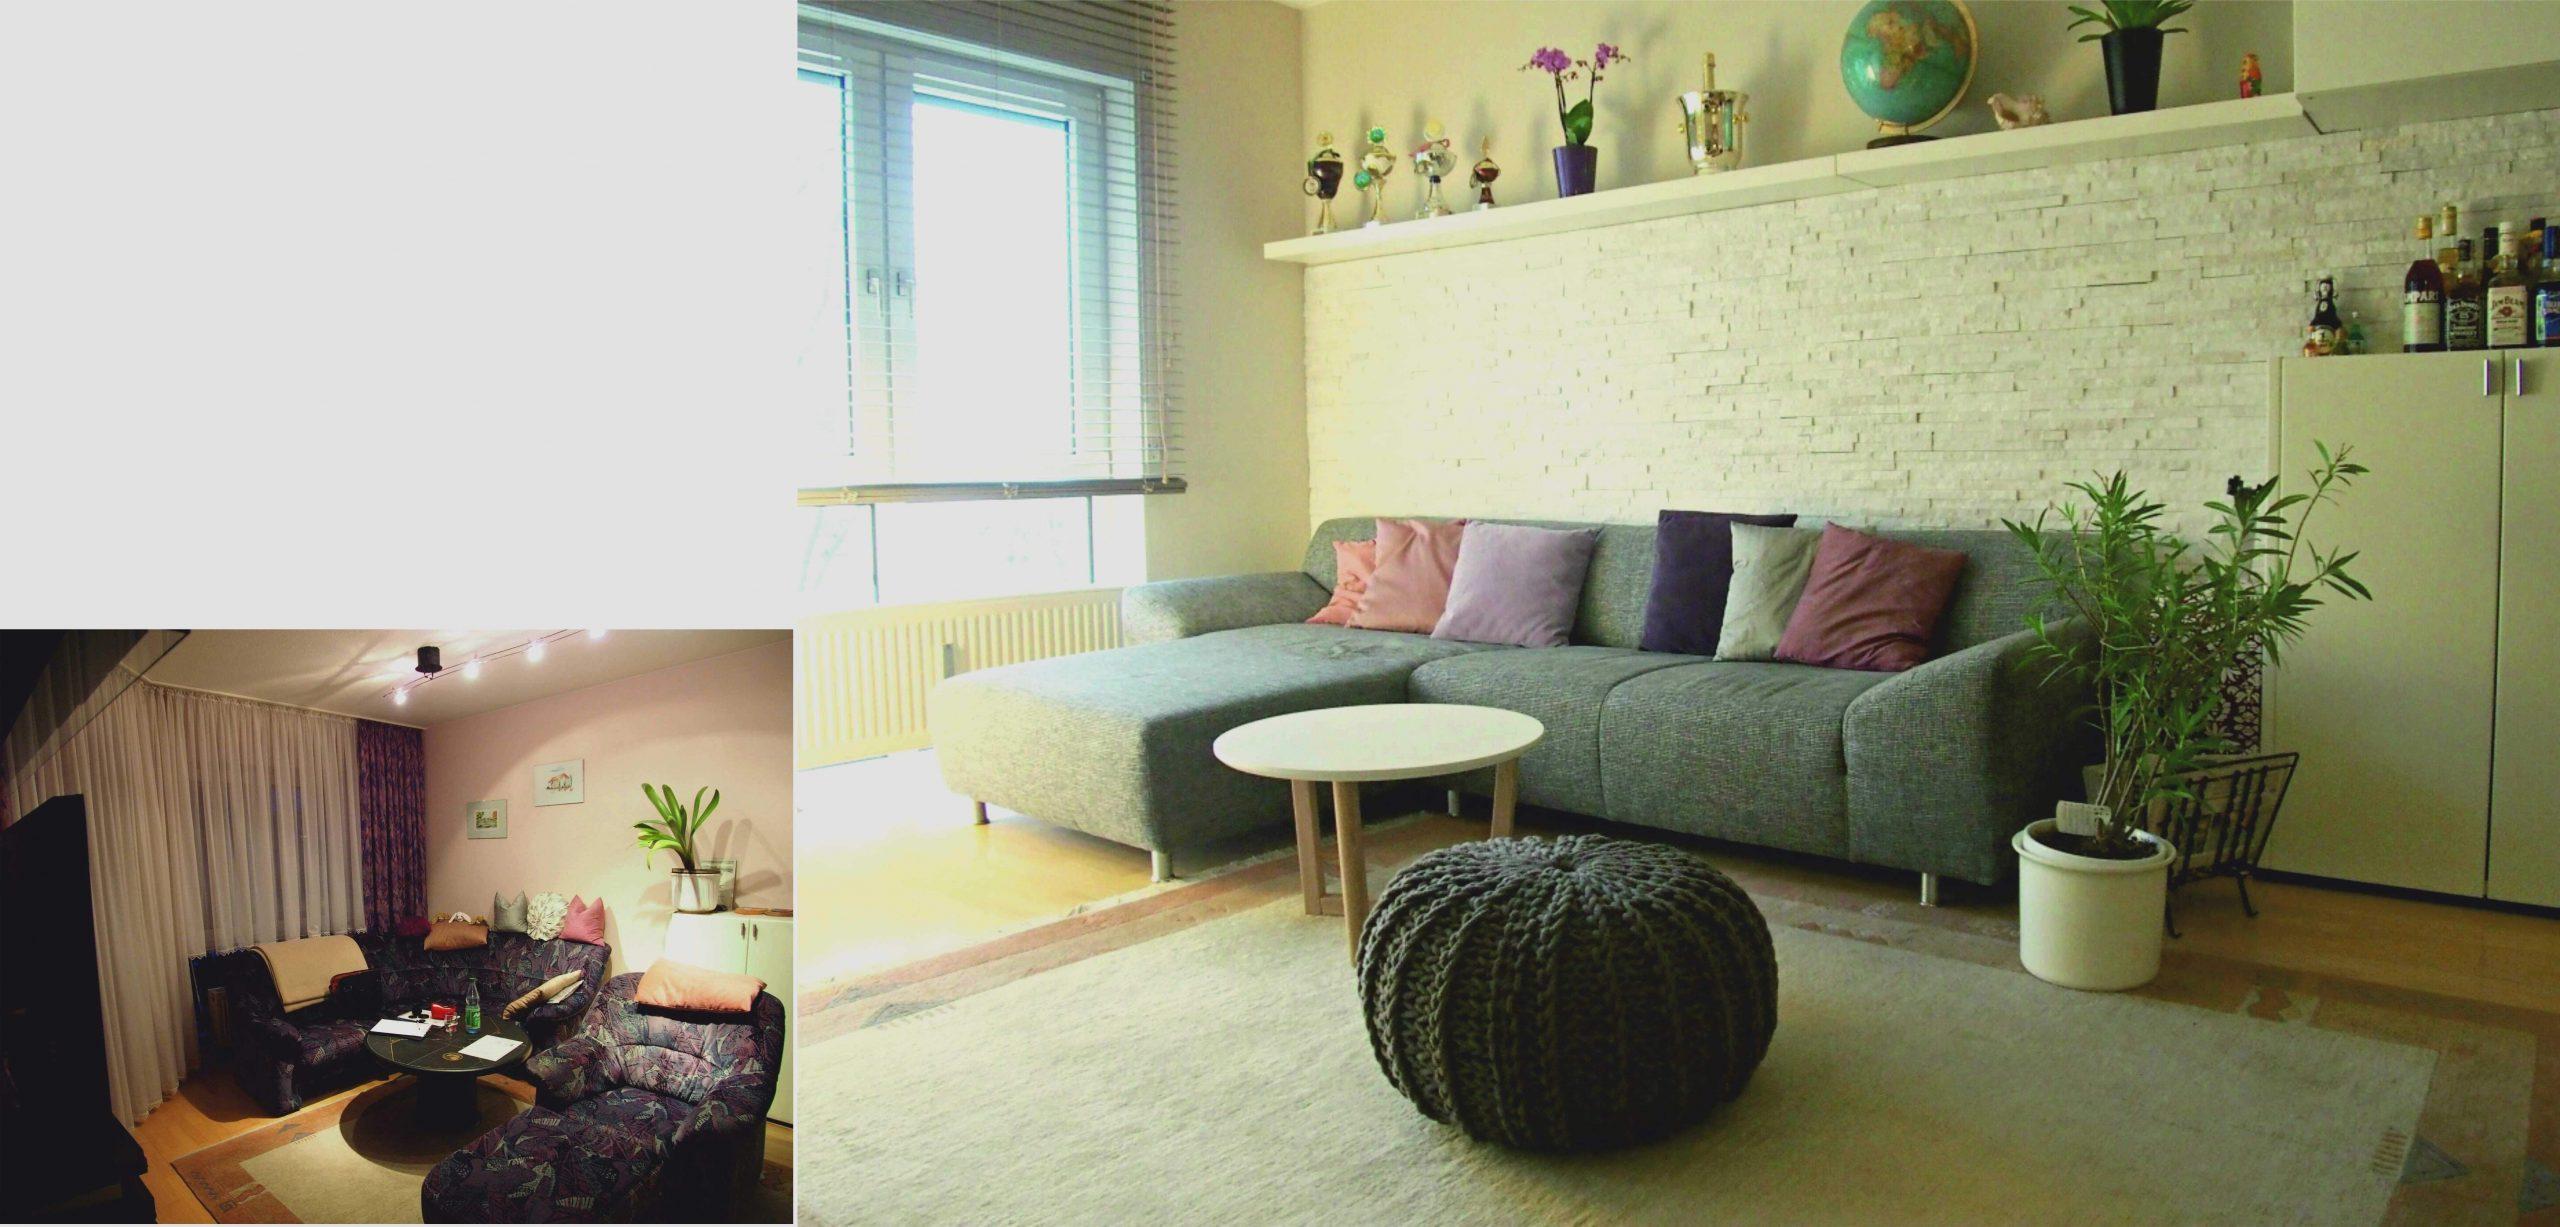 Full Size of Ecksofa Kleines Wohnzimmer Neu 40 Beste Von Sofa Kleines Wohnzimmer Design Wohnzimmer Sofa Kleines Wohnzimmer